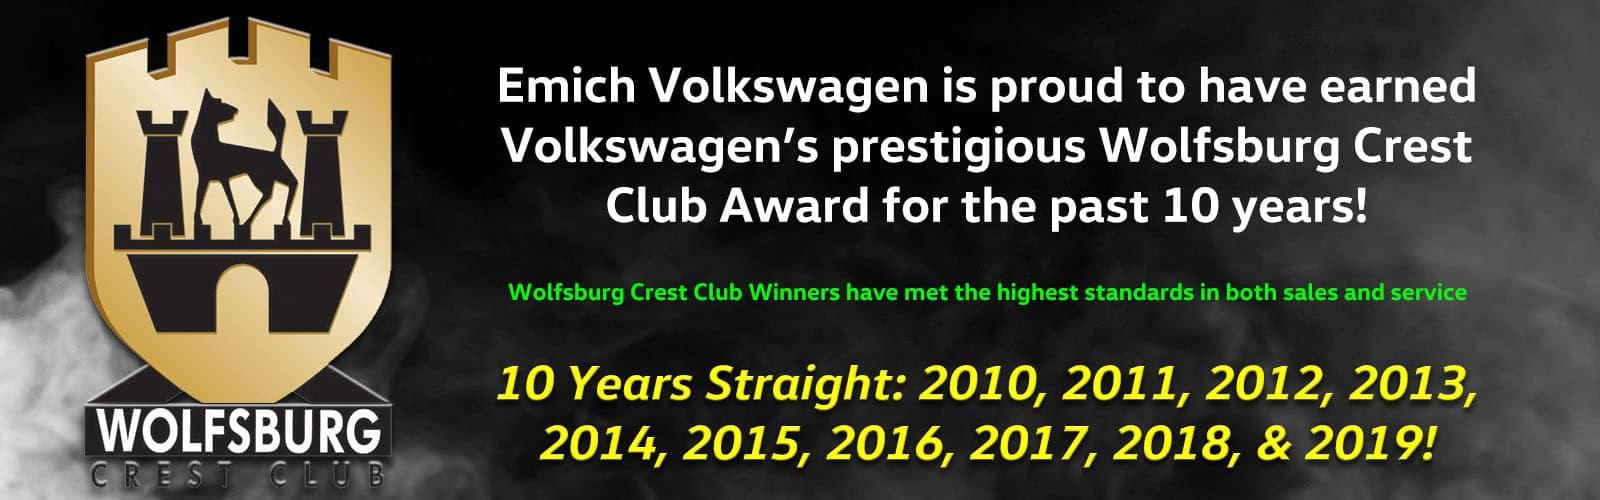 Wolfsburg Crest Club Winner